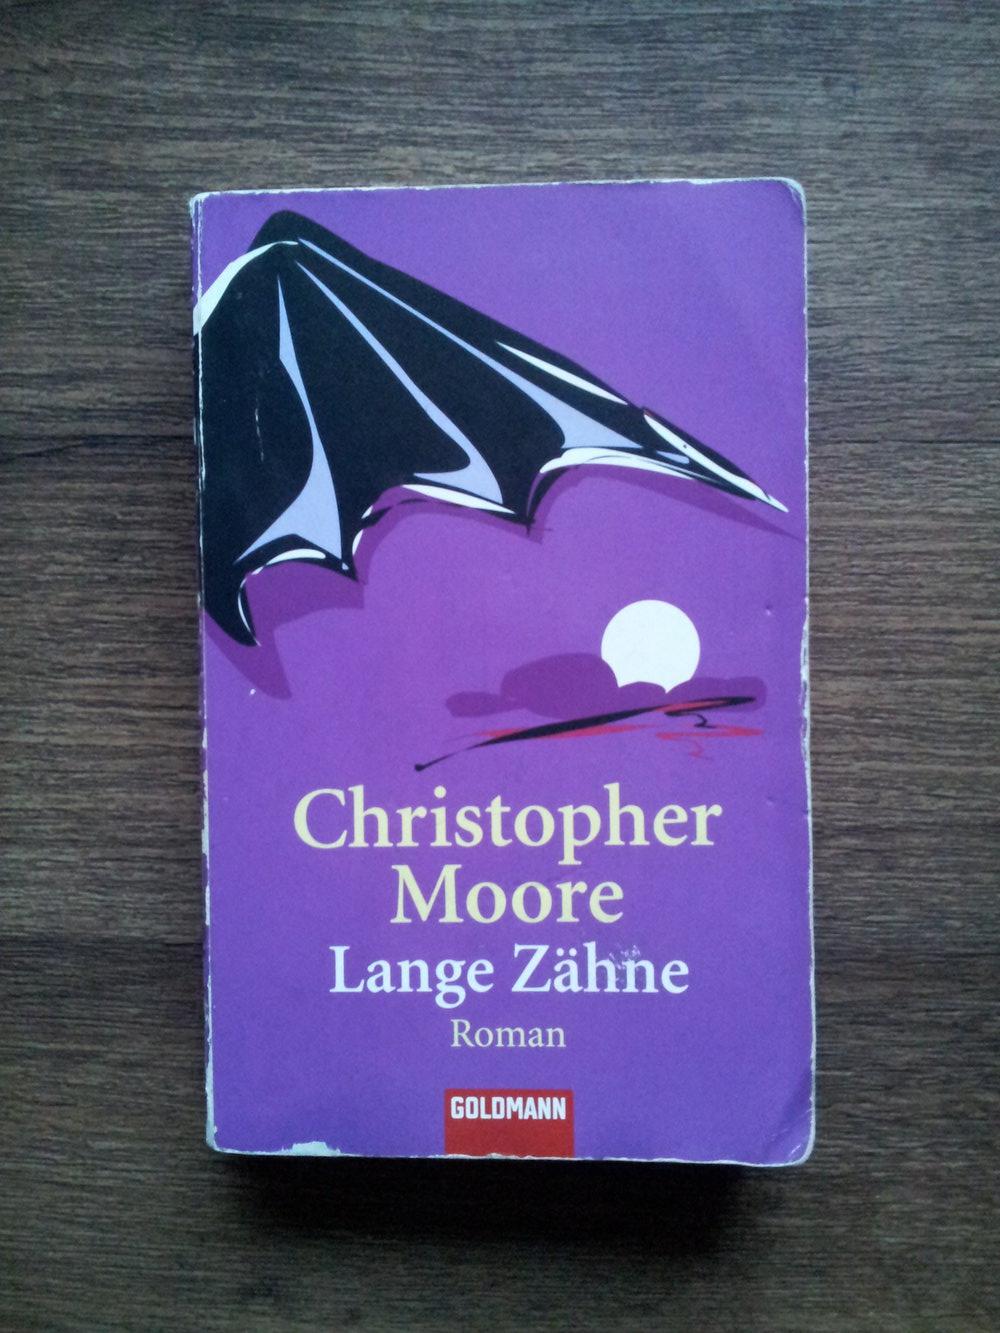 Englisch Bücher online Lesen